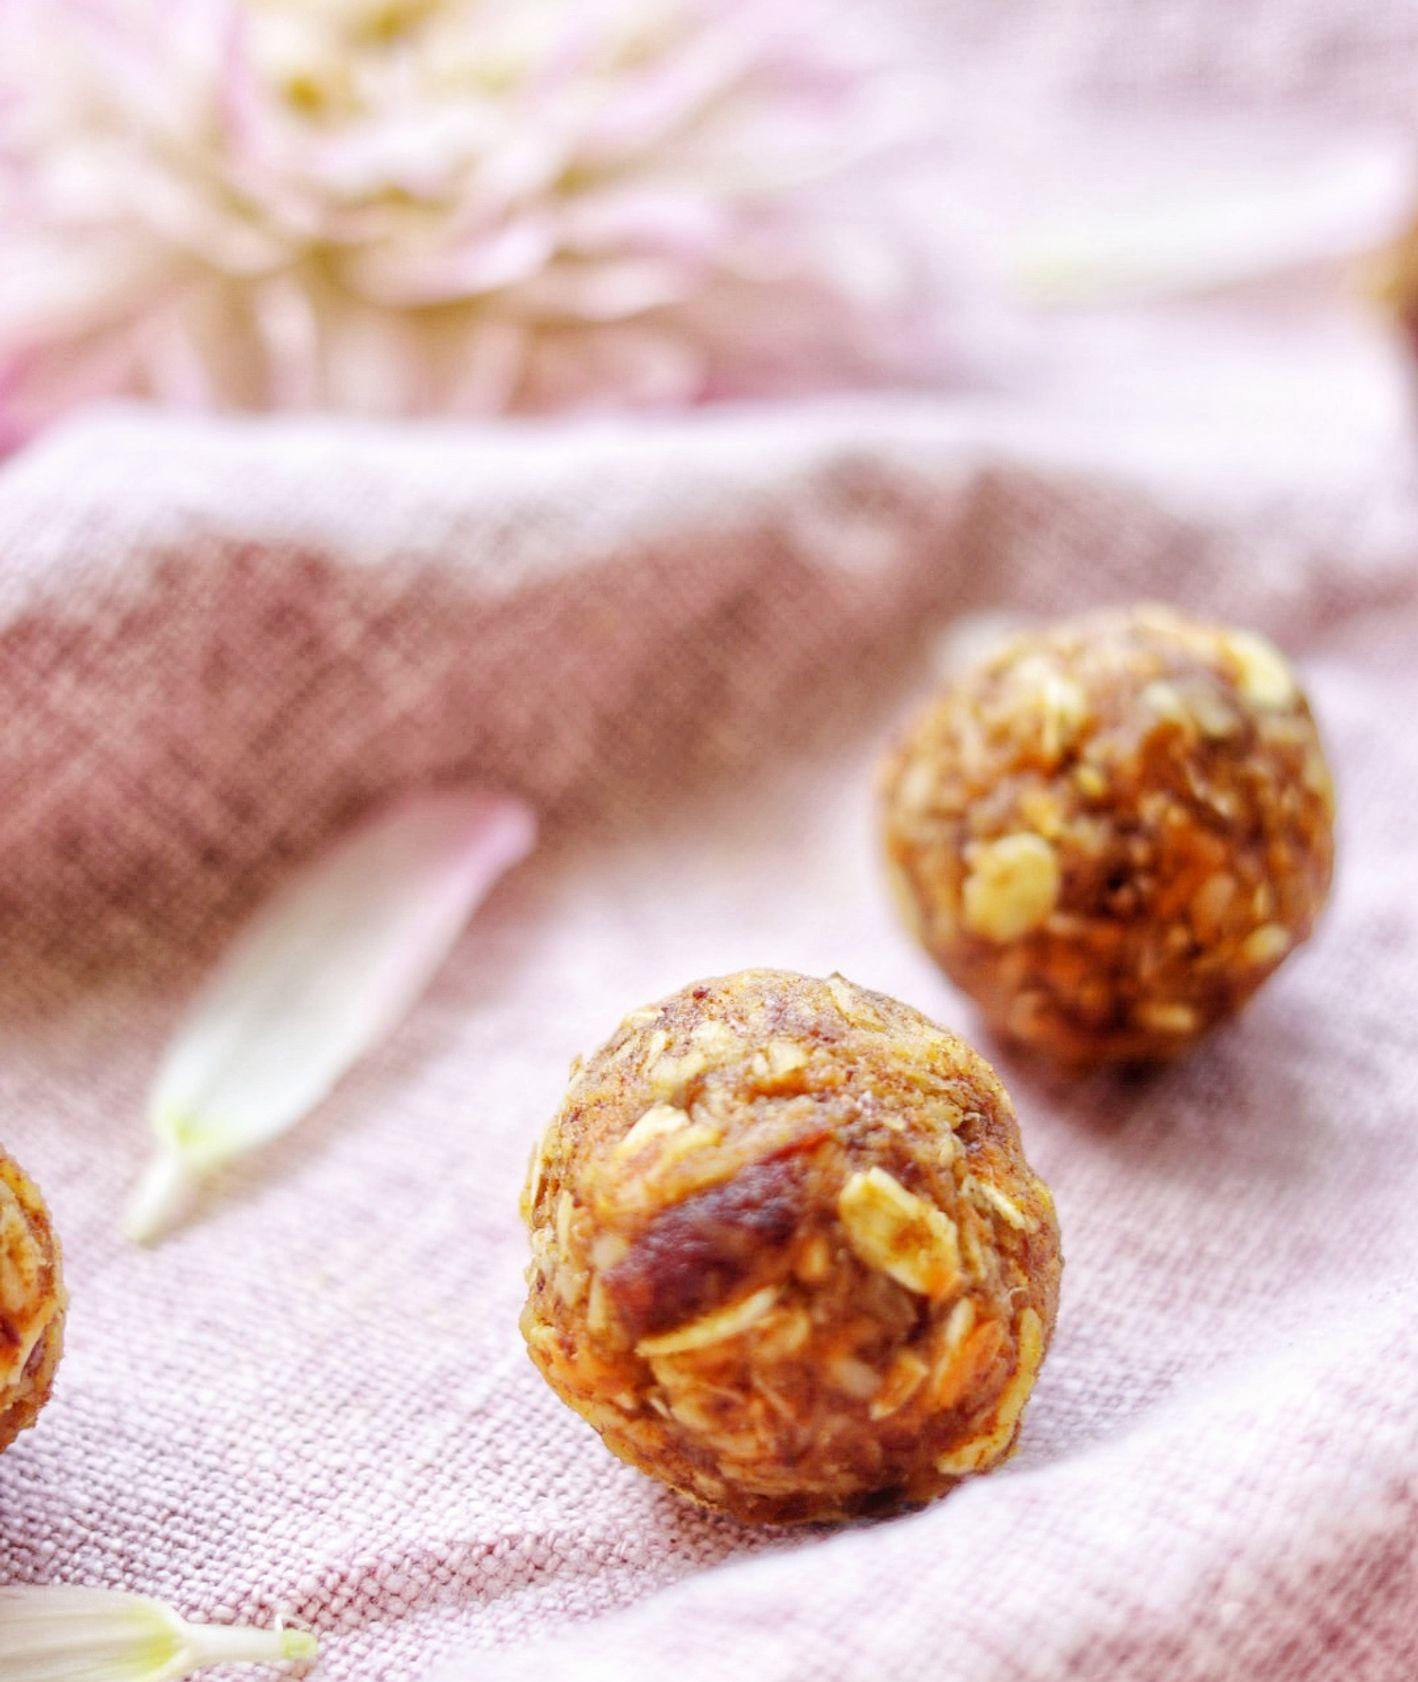 Przepis na wegańskie słodkie kulki, pomysł na wegański deser (fot. Ania Dobra Kulka)